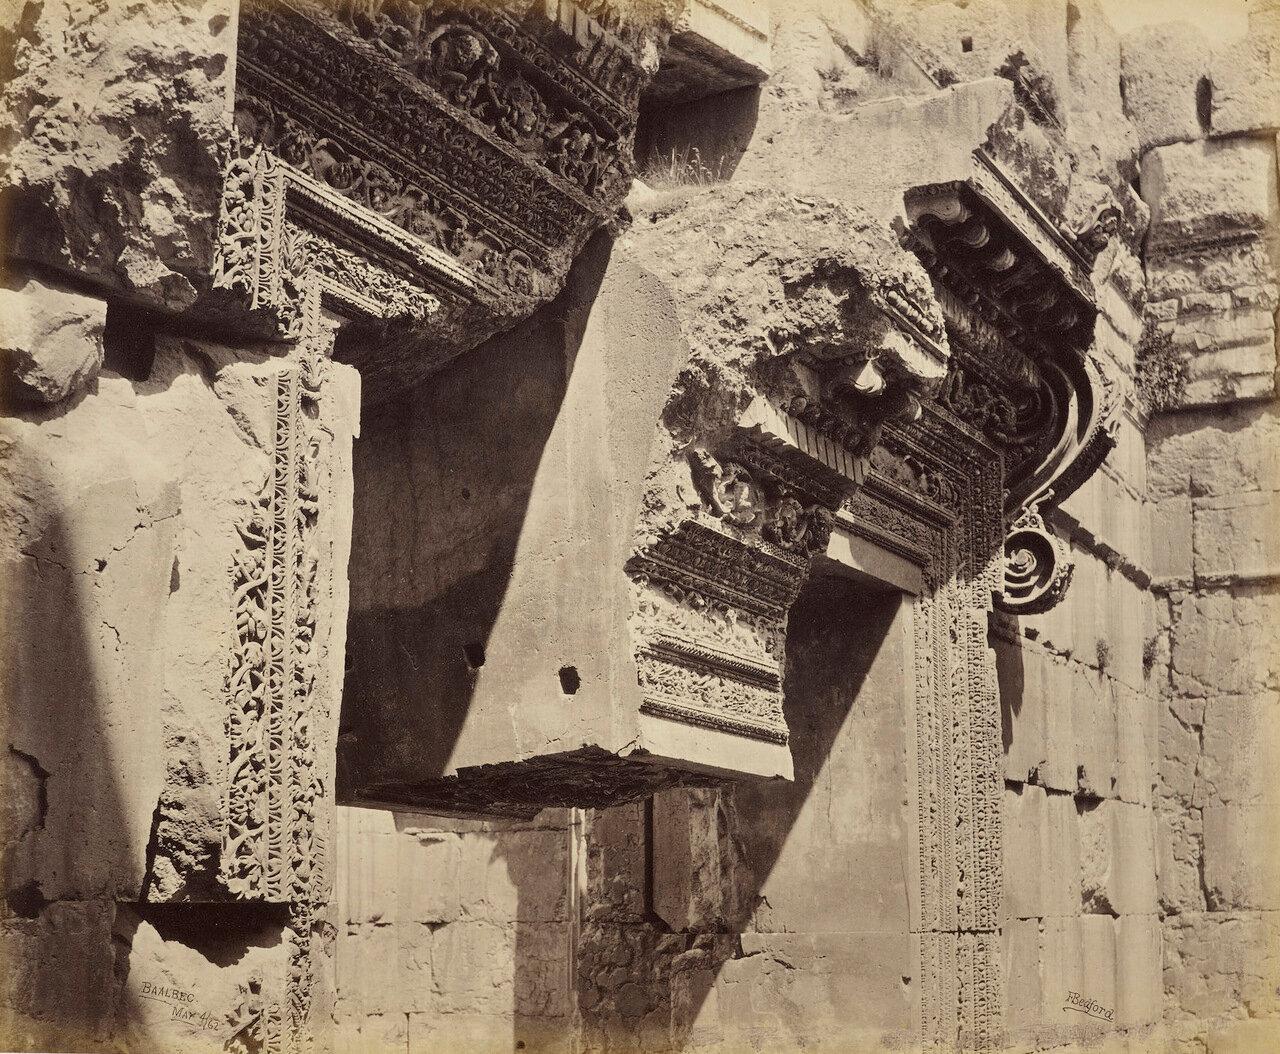 4 мая 1862. Верхняя часть дверного проема храма Бахуса, Баальбек